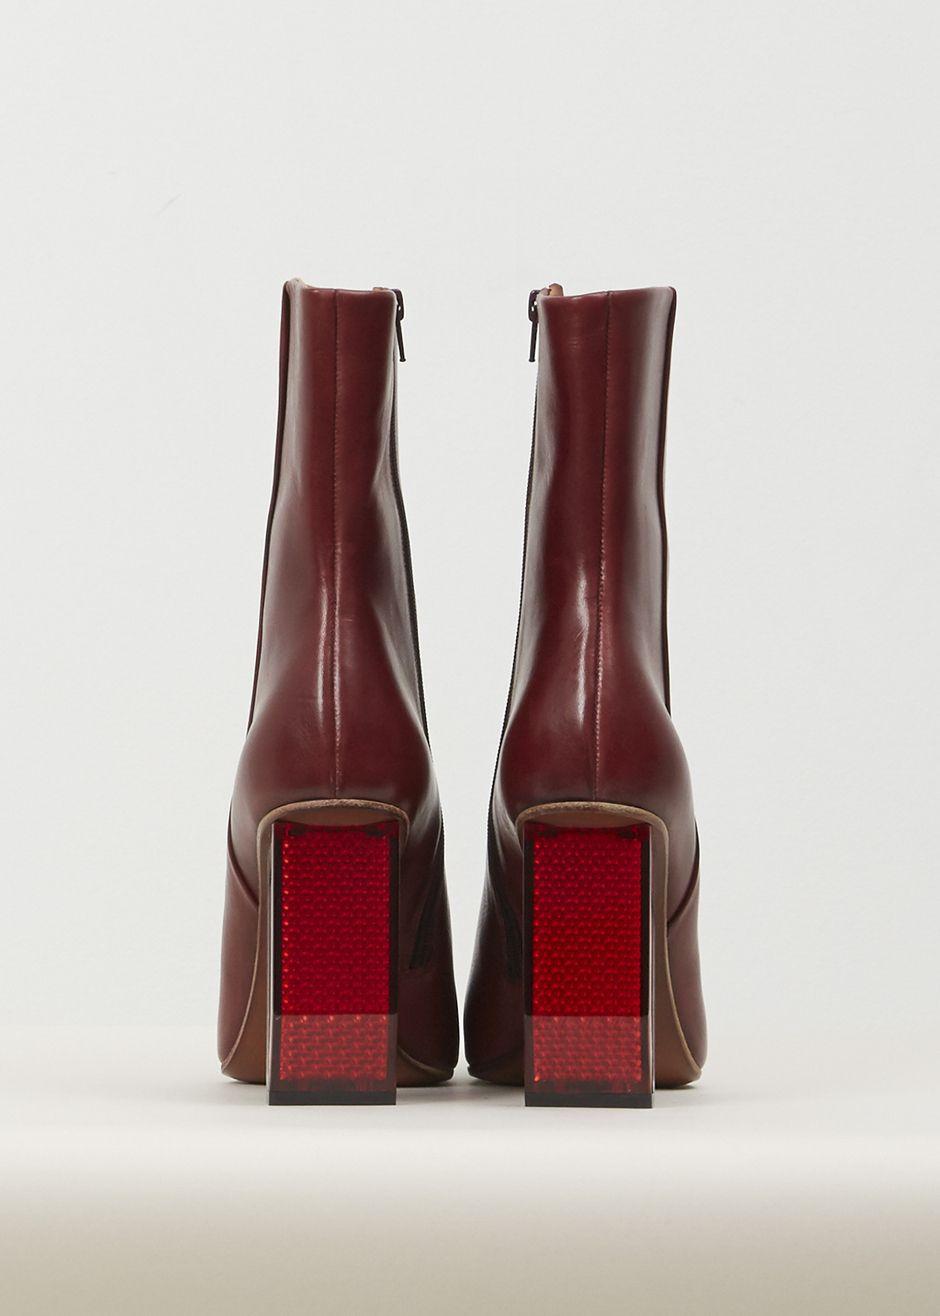 Vetements Reflector Heel Ankle Boots (Burgandy / Red Heel)